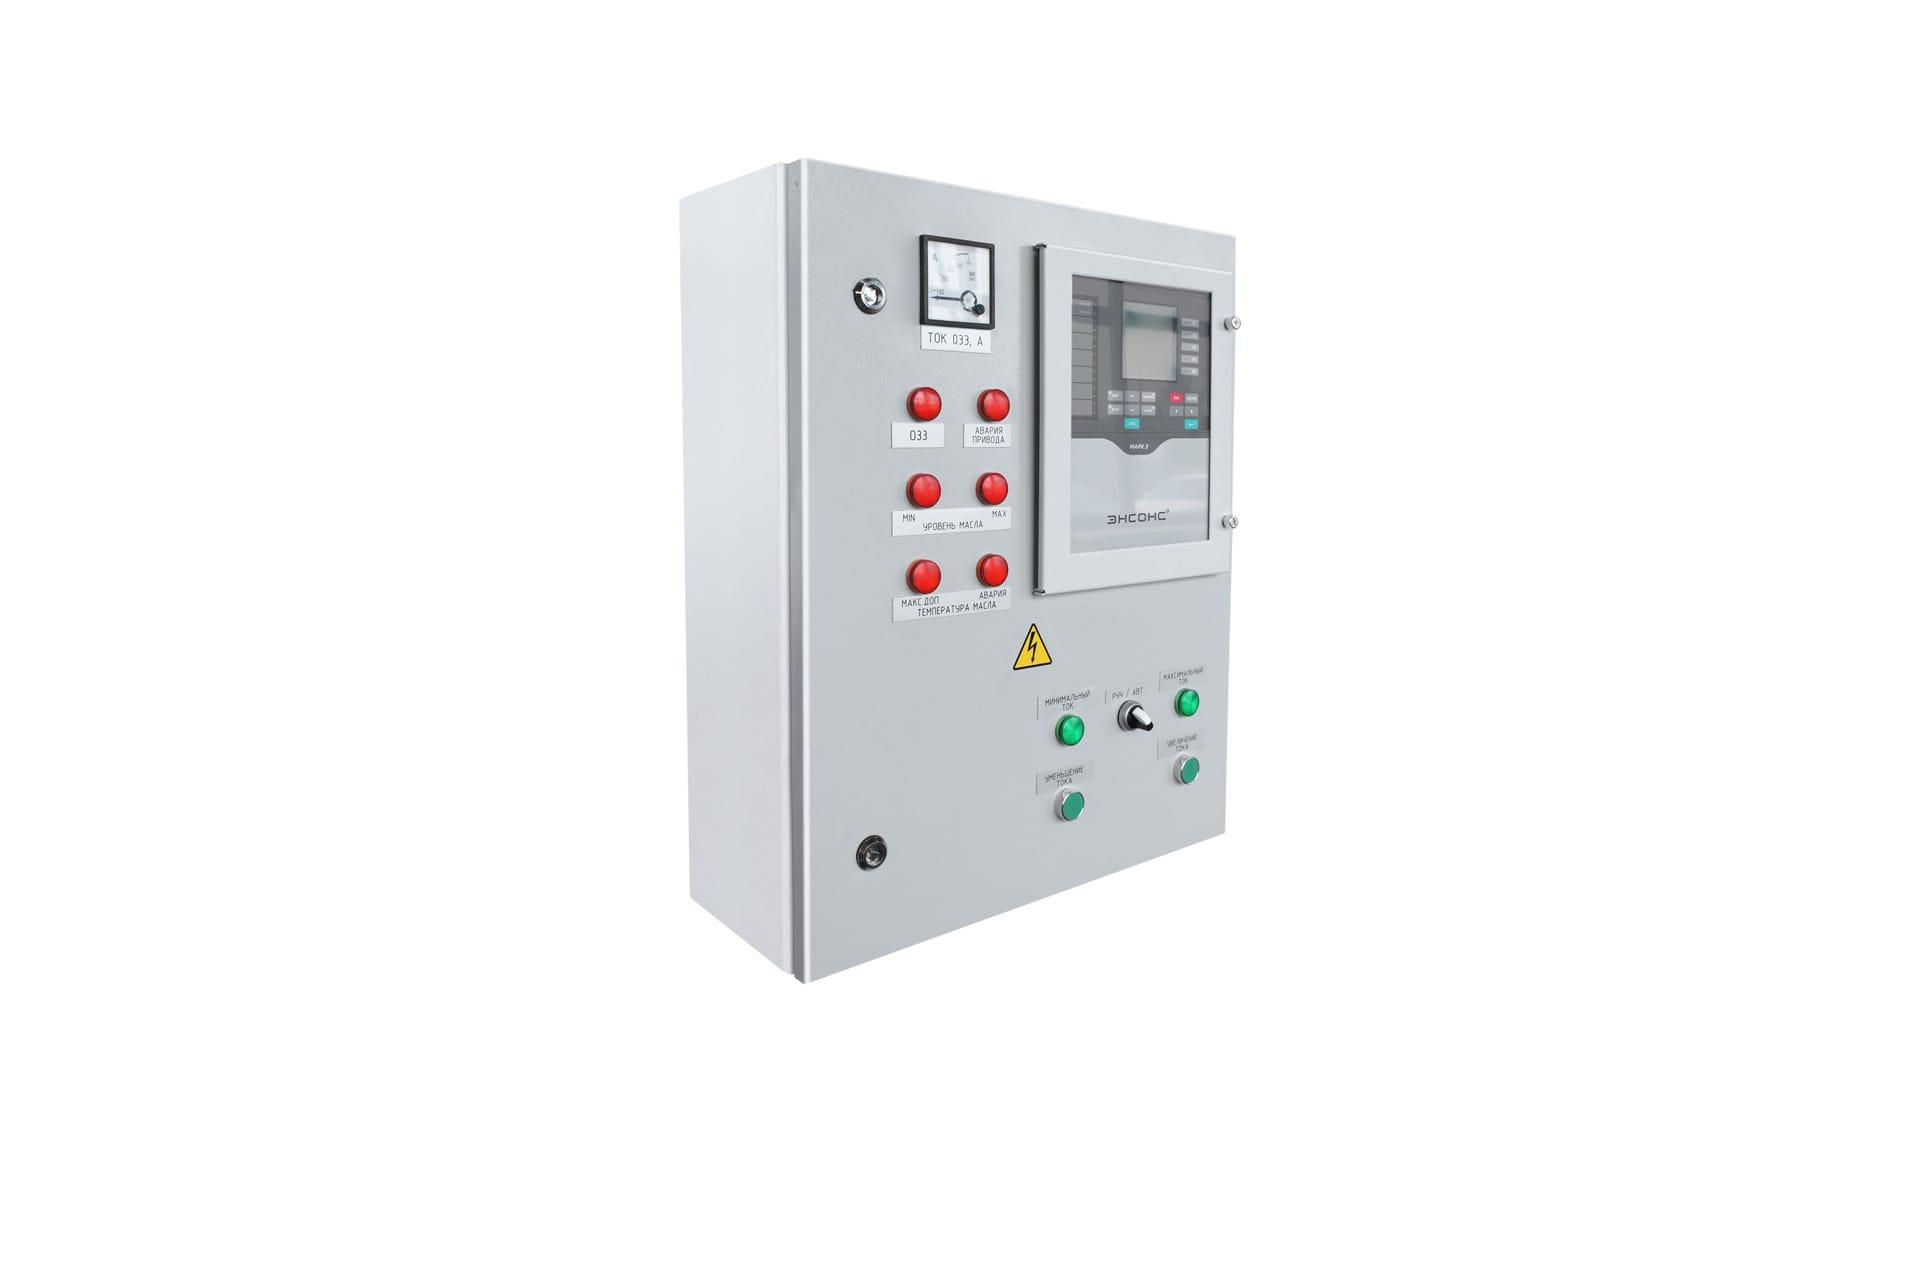 Ensons - Навесной шкаф. 1 модуль автоматического управления.